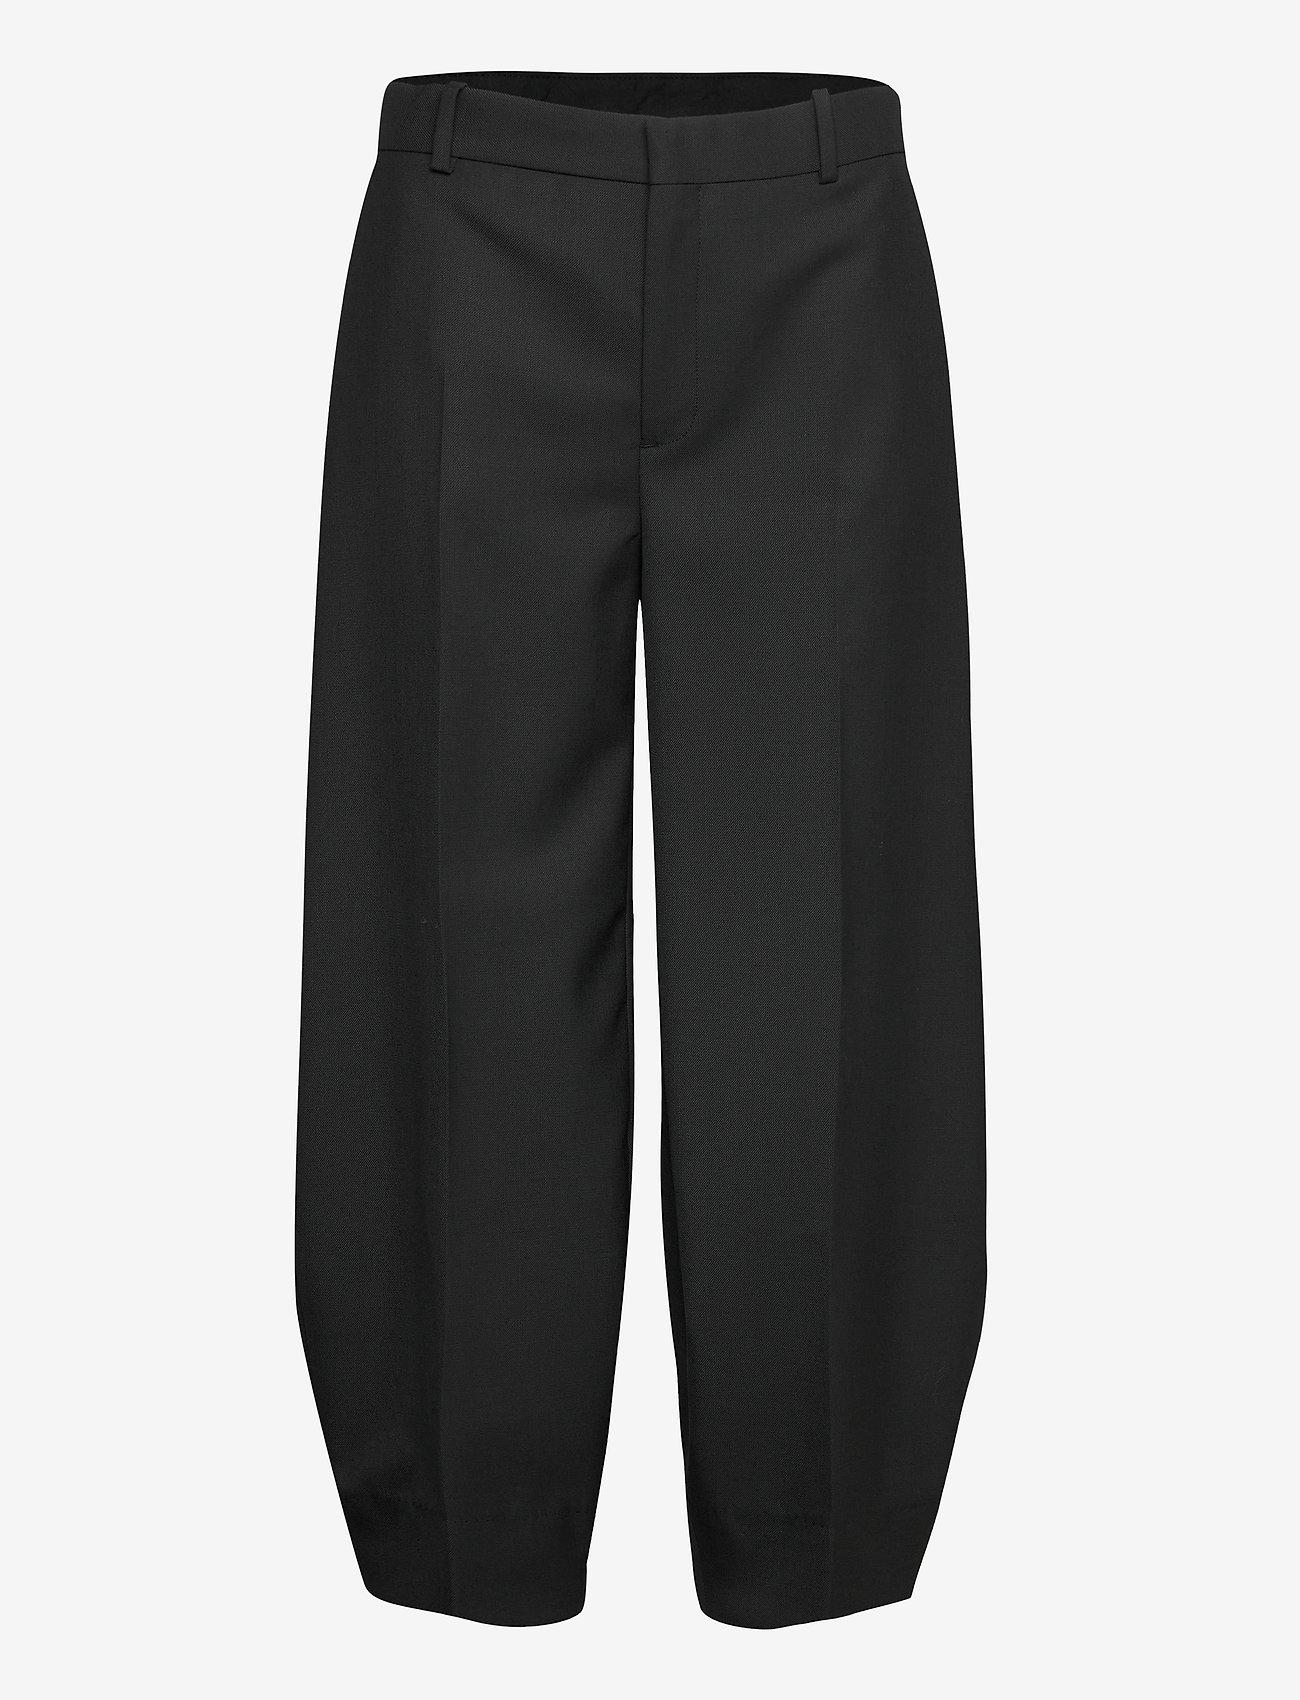 RODEBJER - RODEBJER AIA - bukser med brede ben - black - 0